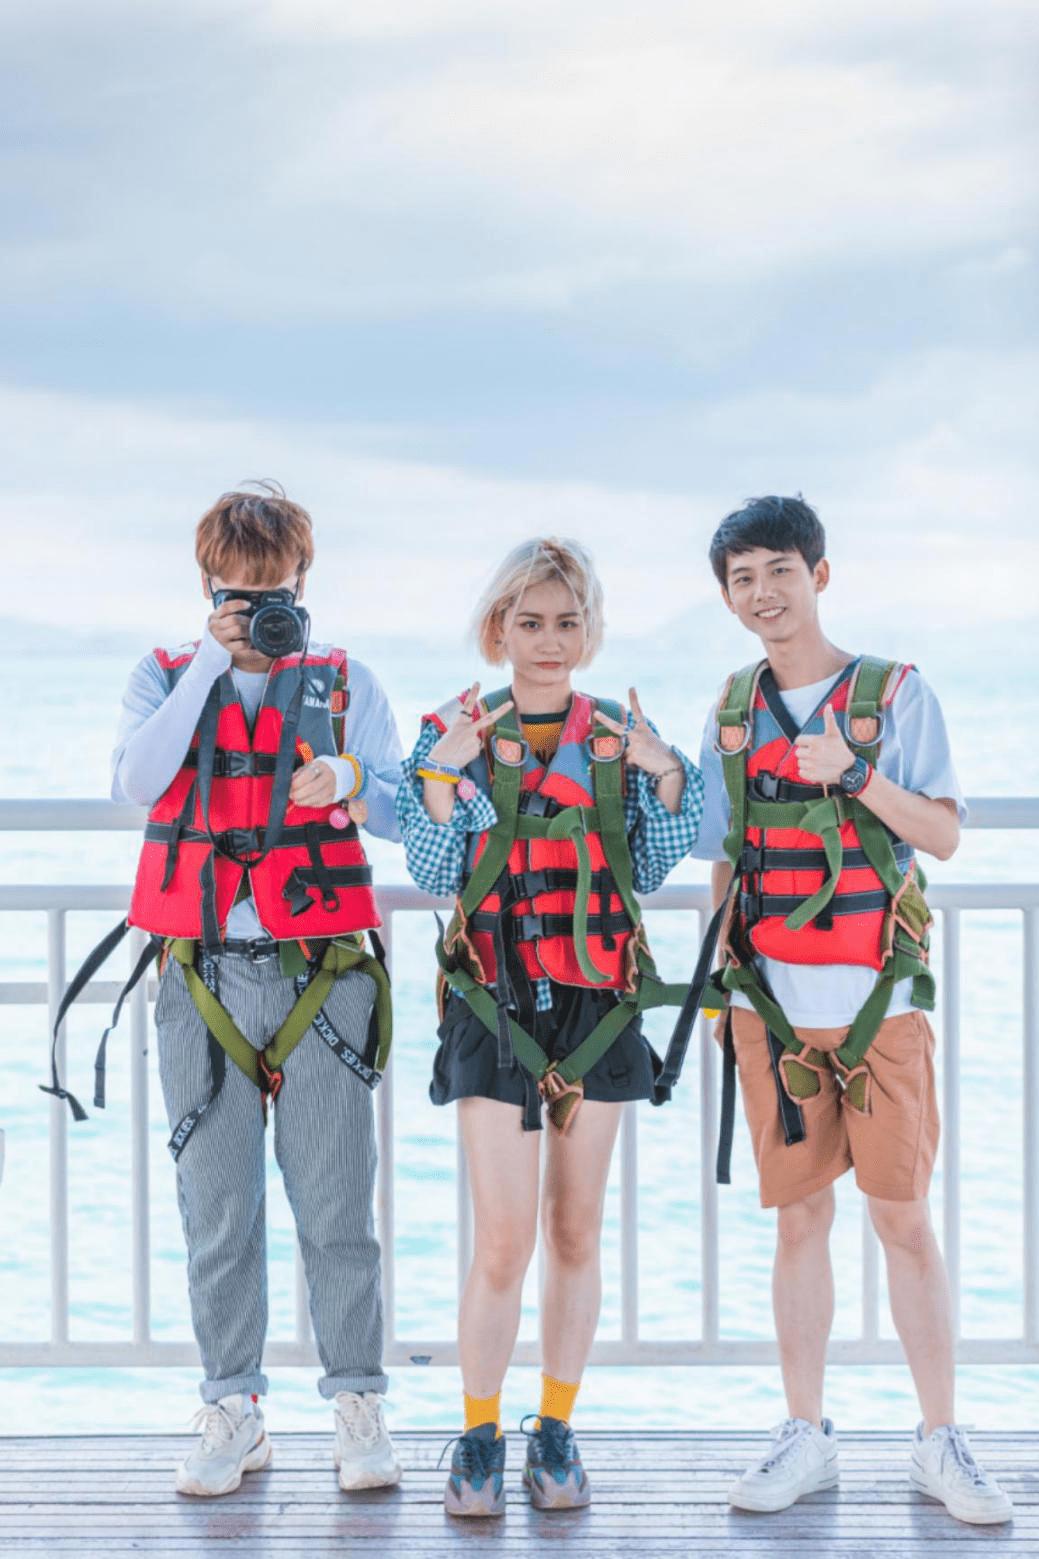 《【摩鑫娱乐怎么代理】如果你想去看海,不妨跟上Soul的旅行自由团》